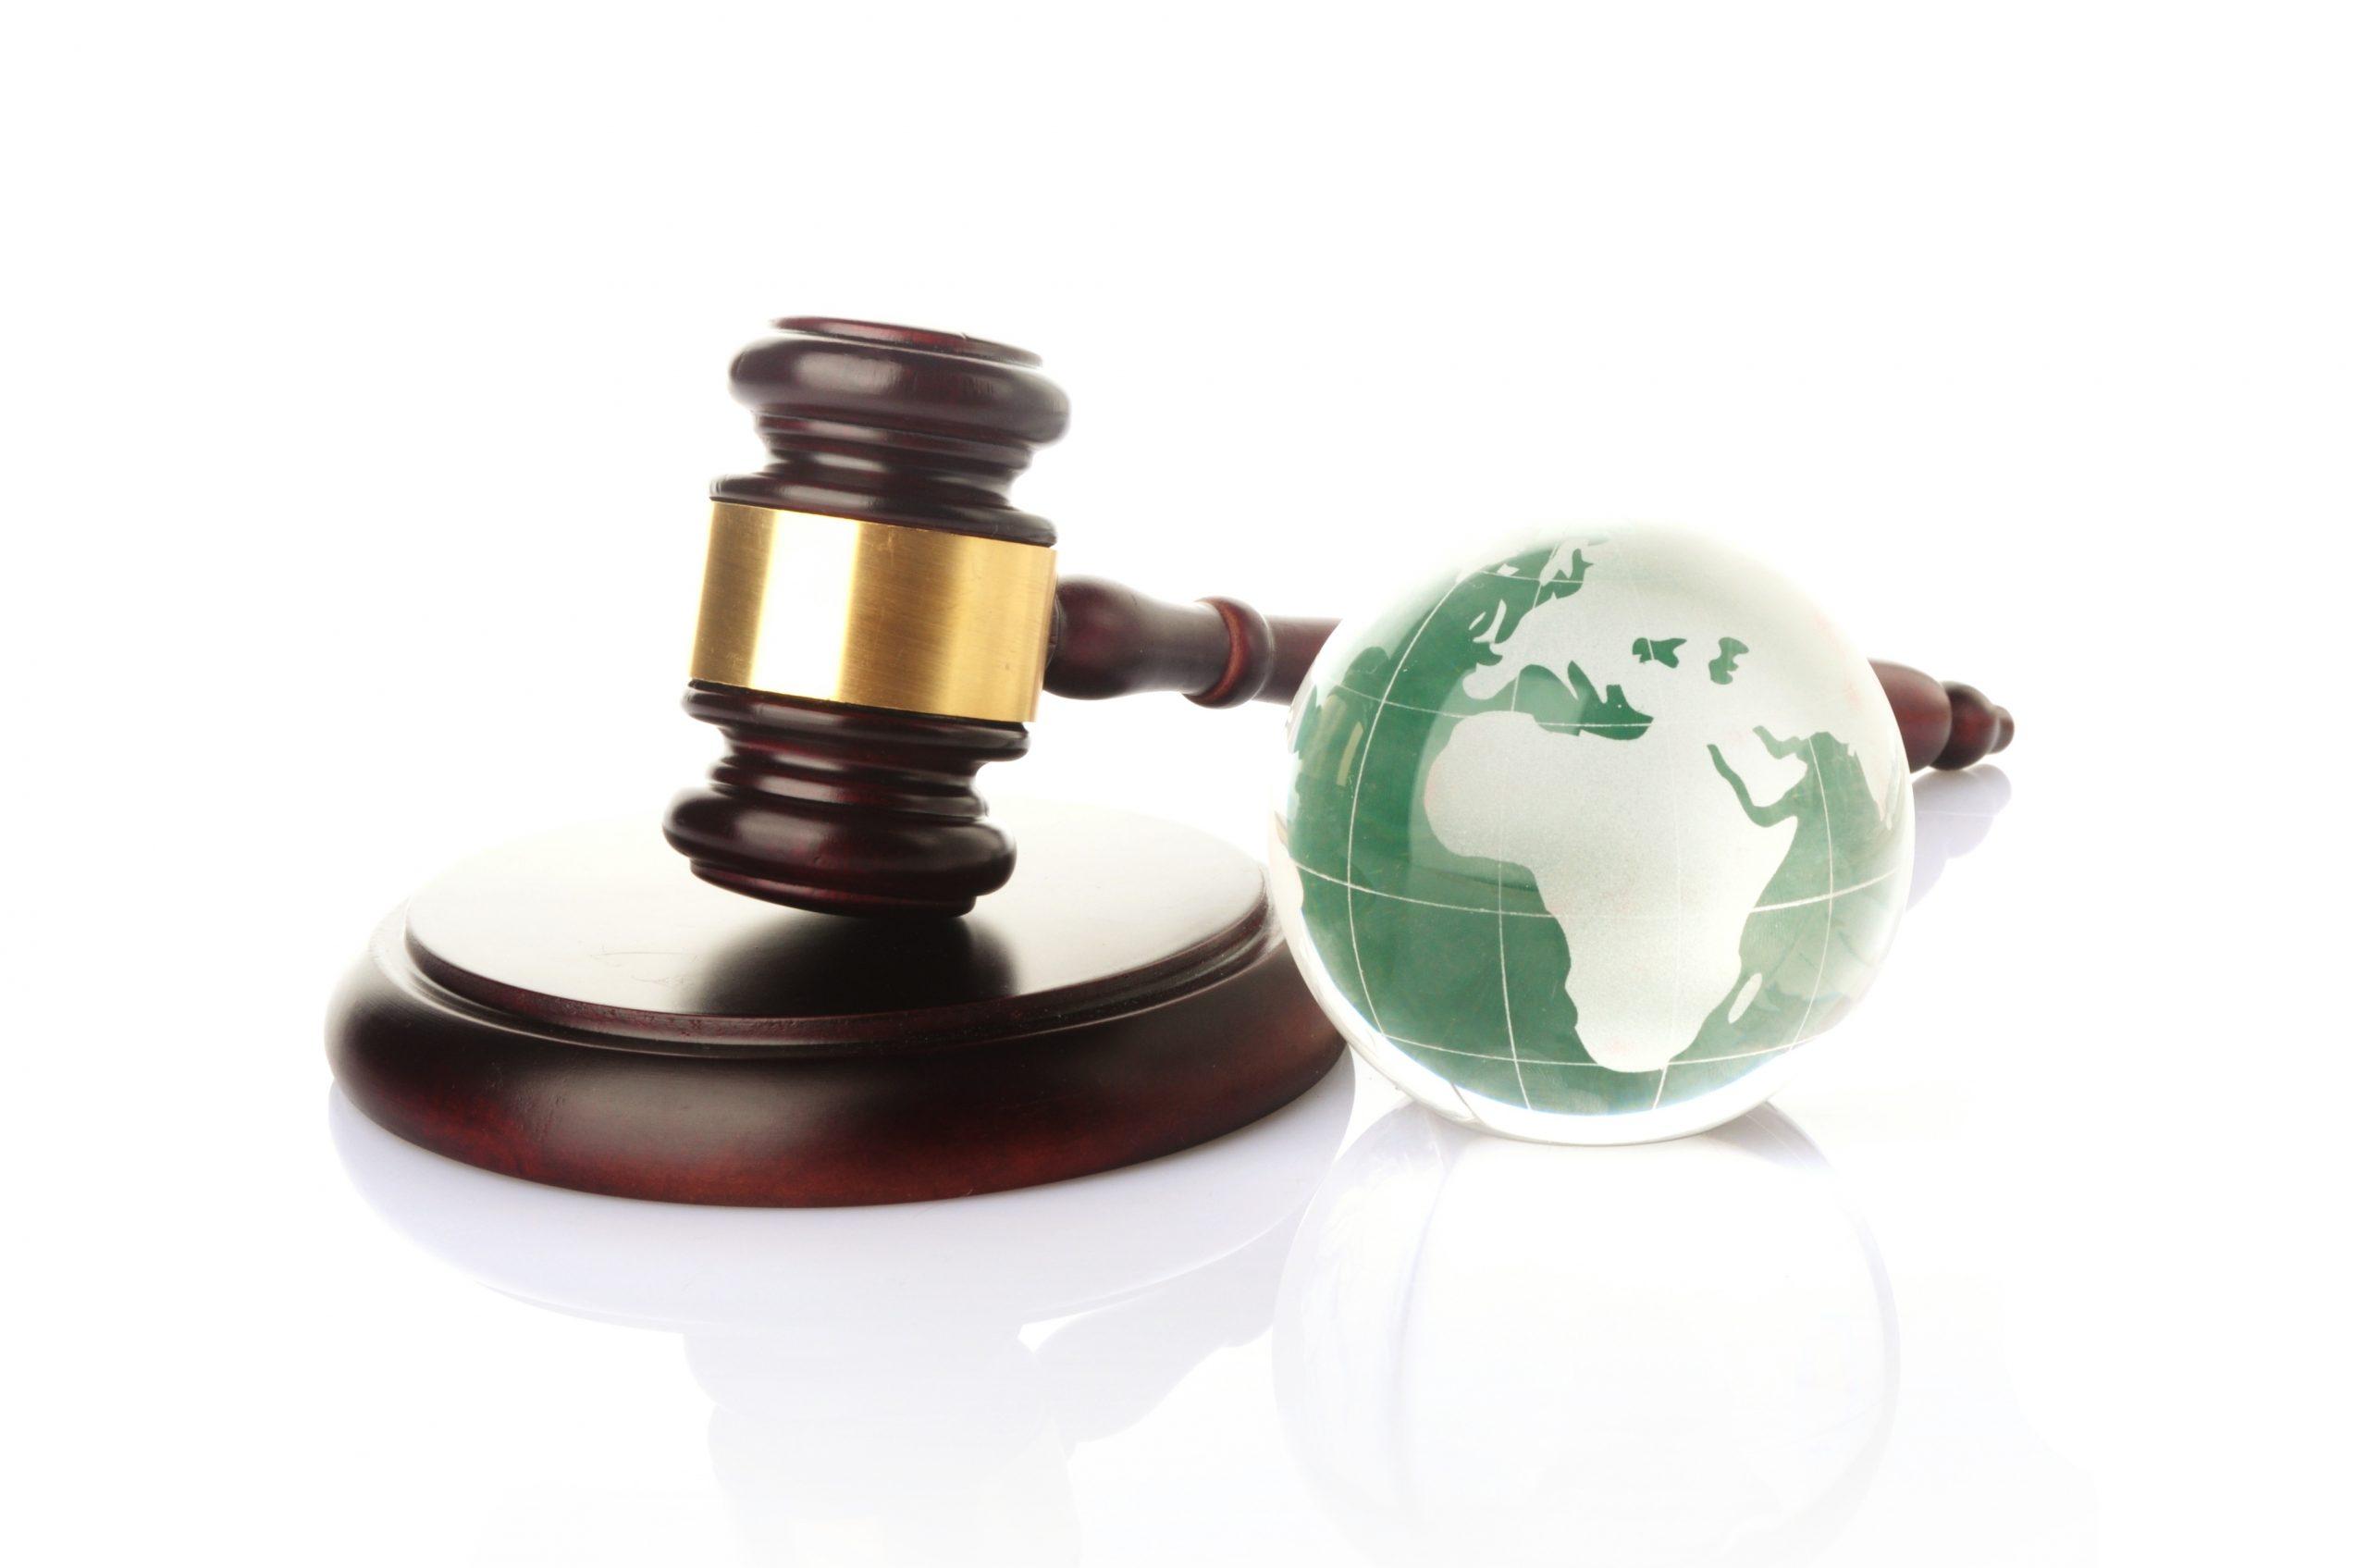 Перспективы экологического права обсудили на Мастер-классе